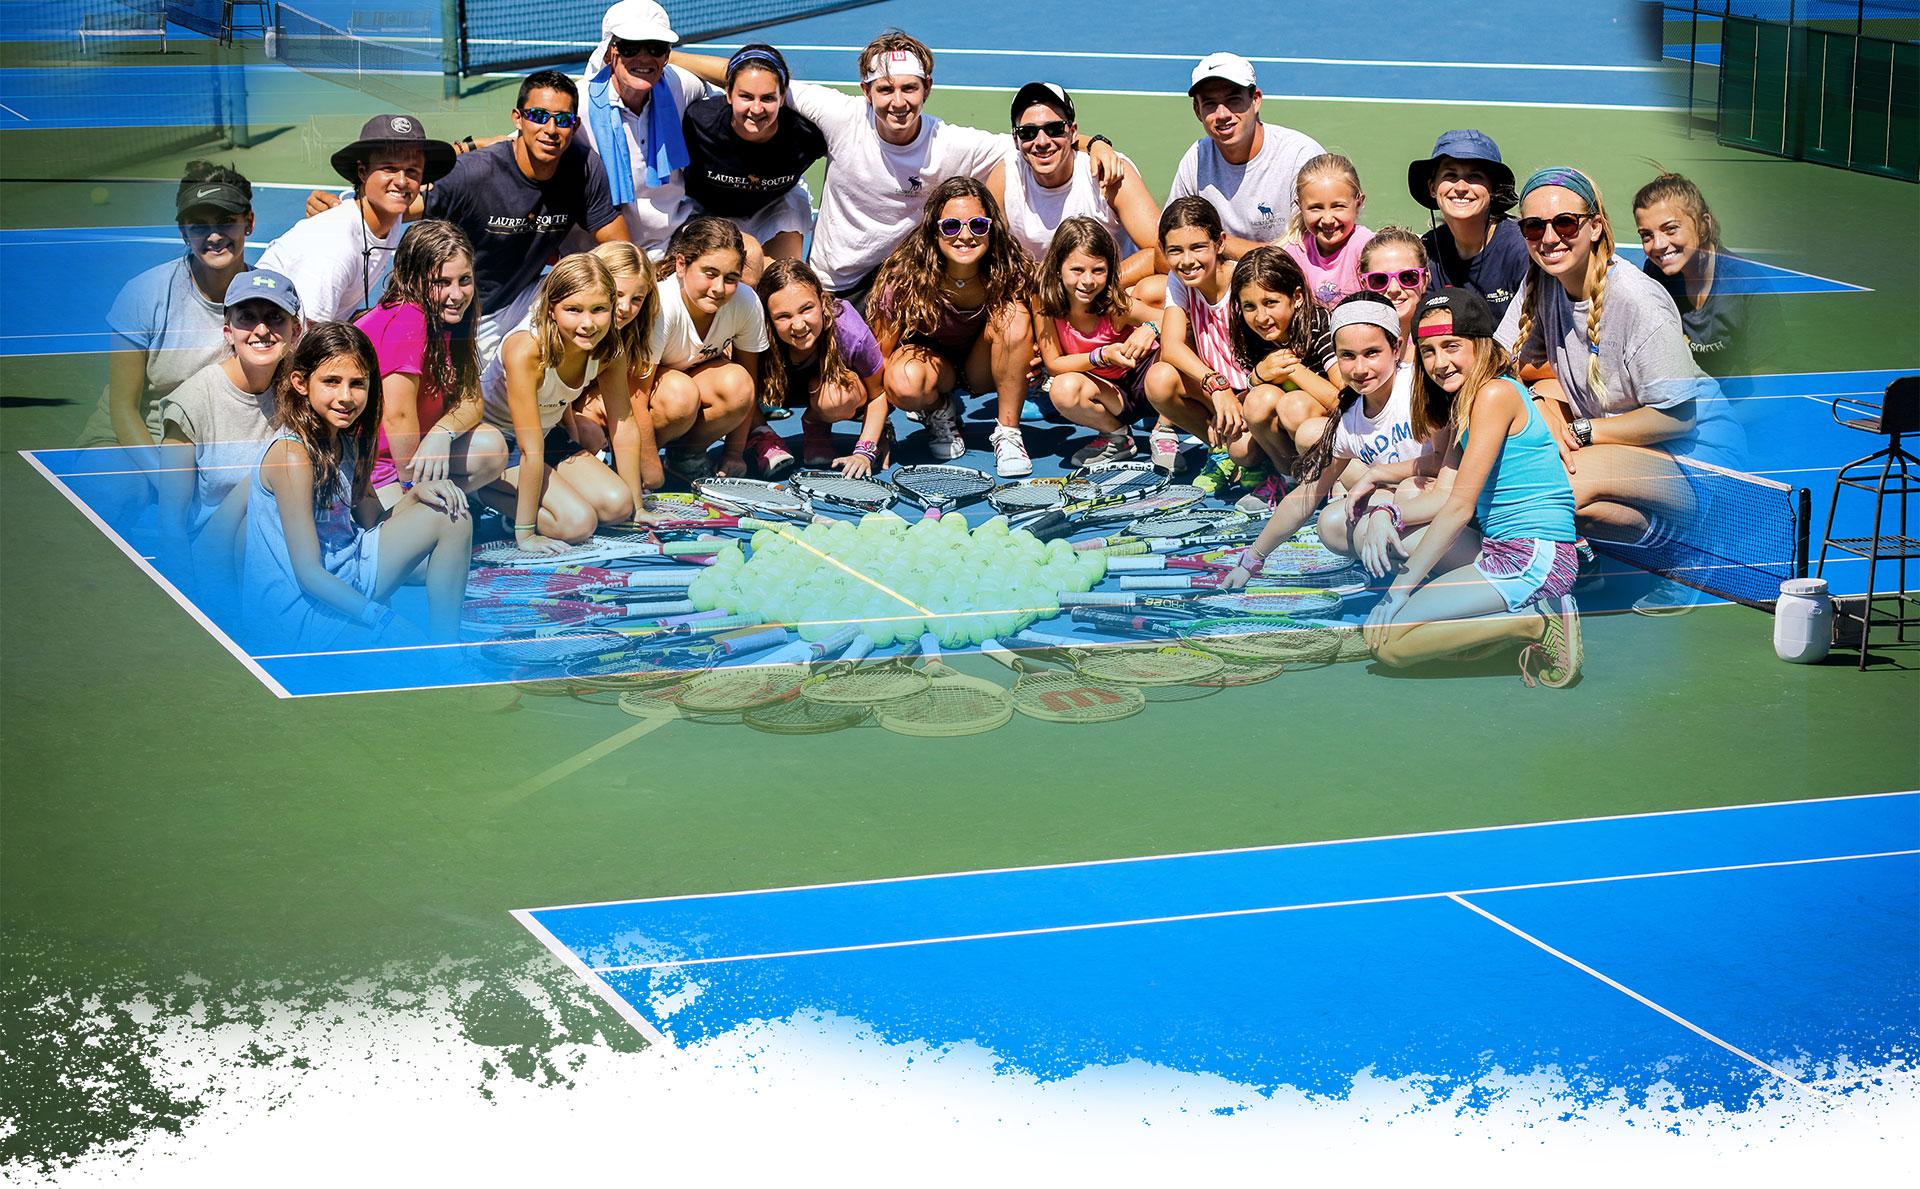 Best summer camp Tennis program